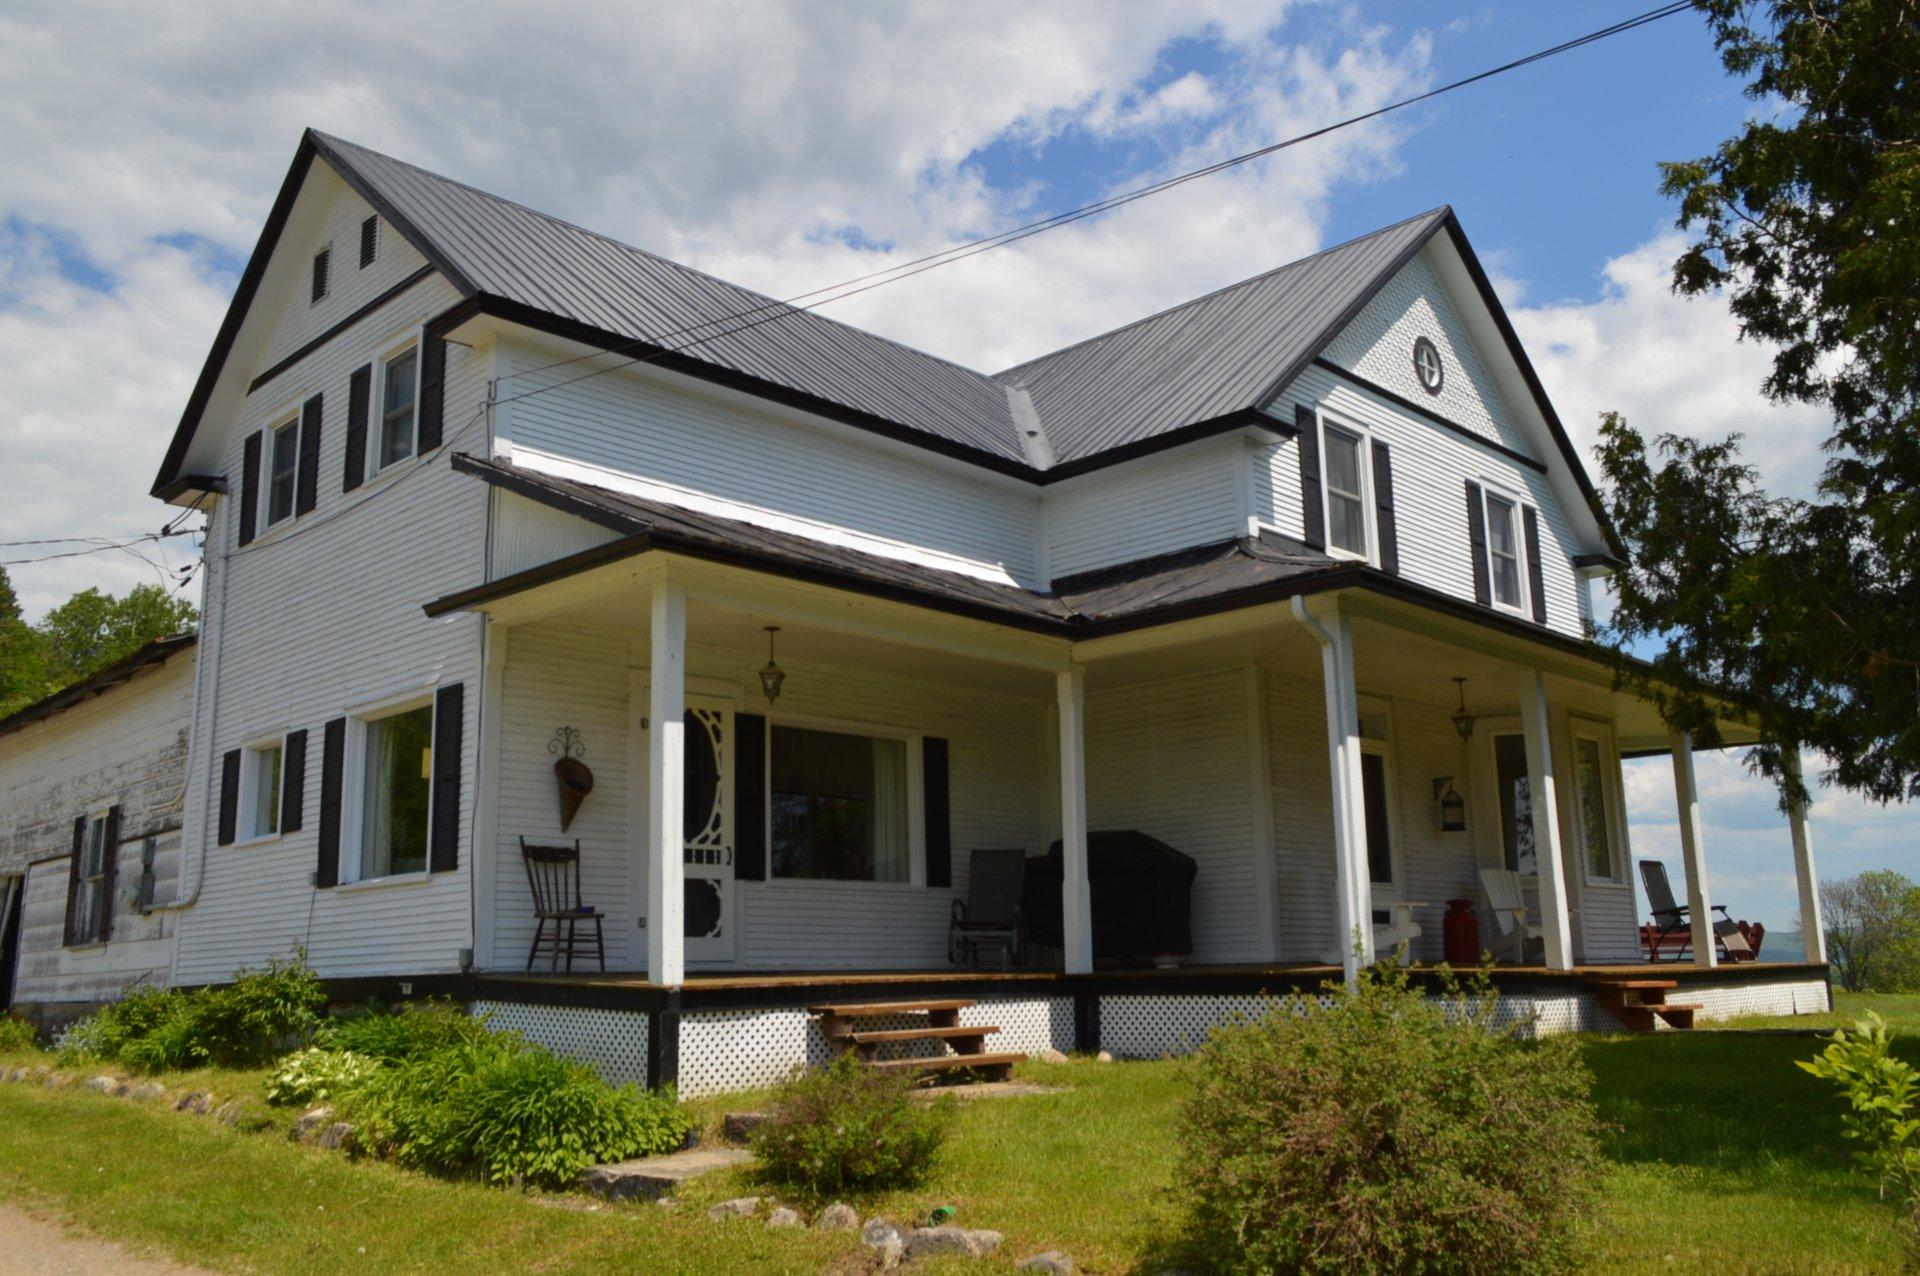 cout isolation maison cout isolation maison besancon 2732 cout isolation maison 21 cout. Black Bedroom Furniture Sets. Home Design Ideas